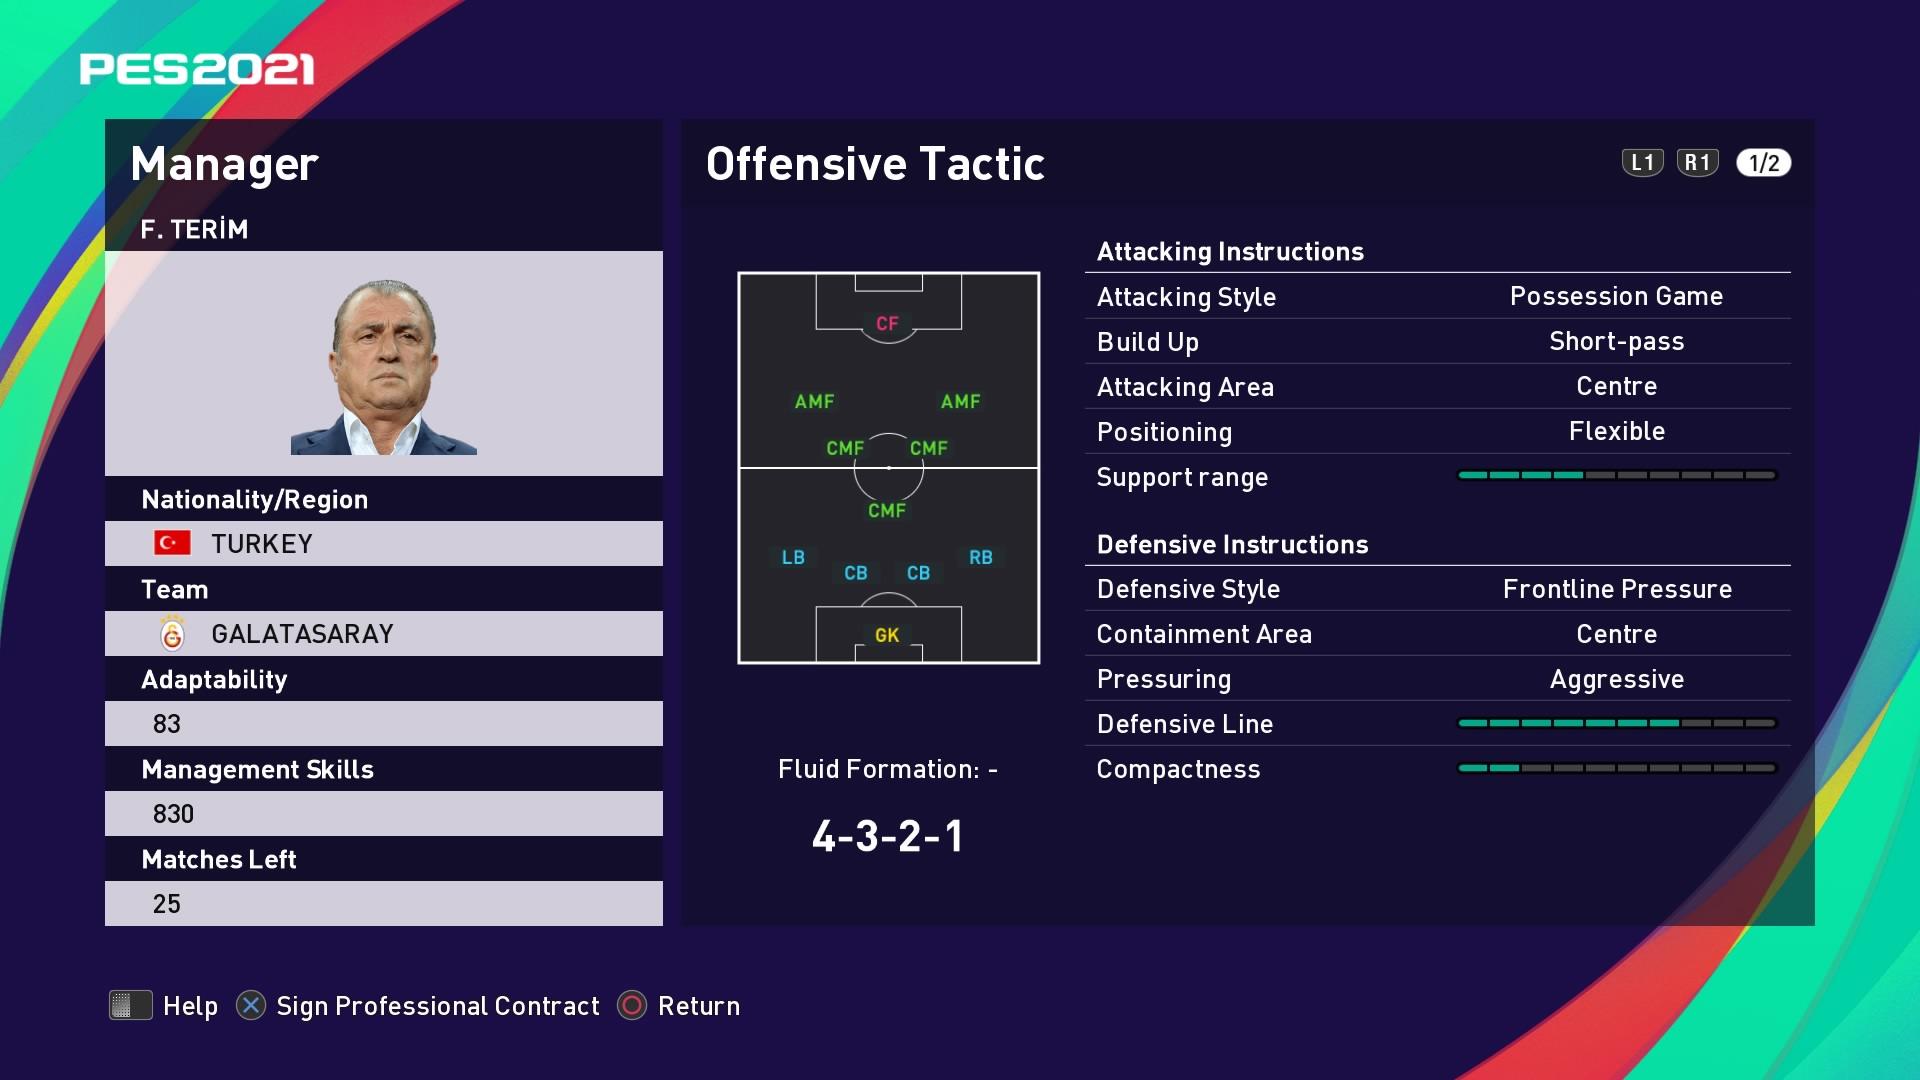 F. Terim (2) (Fatih Terim) Offensive Tactic in PES 2021 myClub